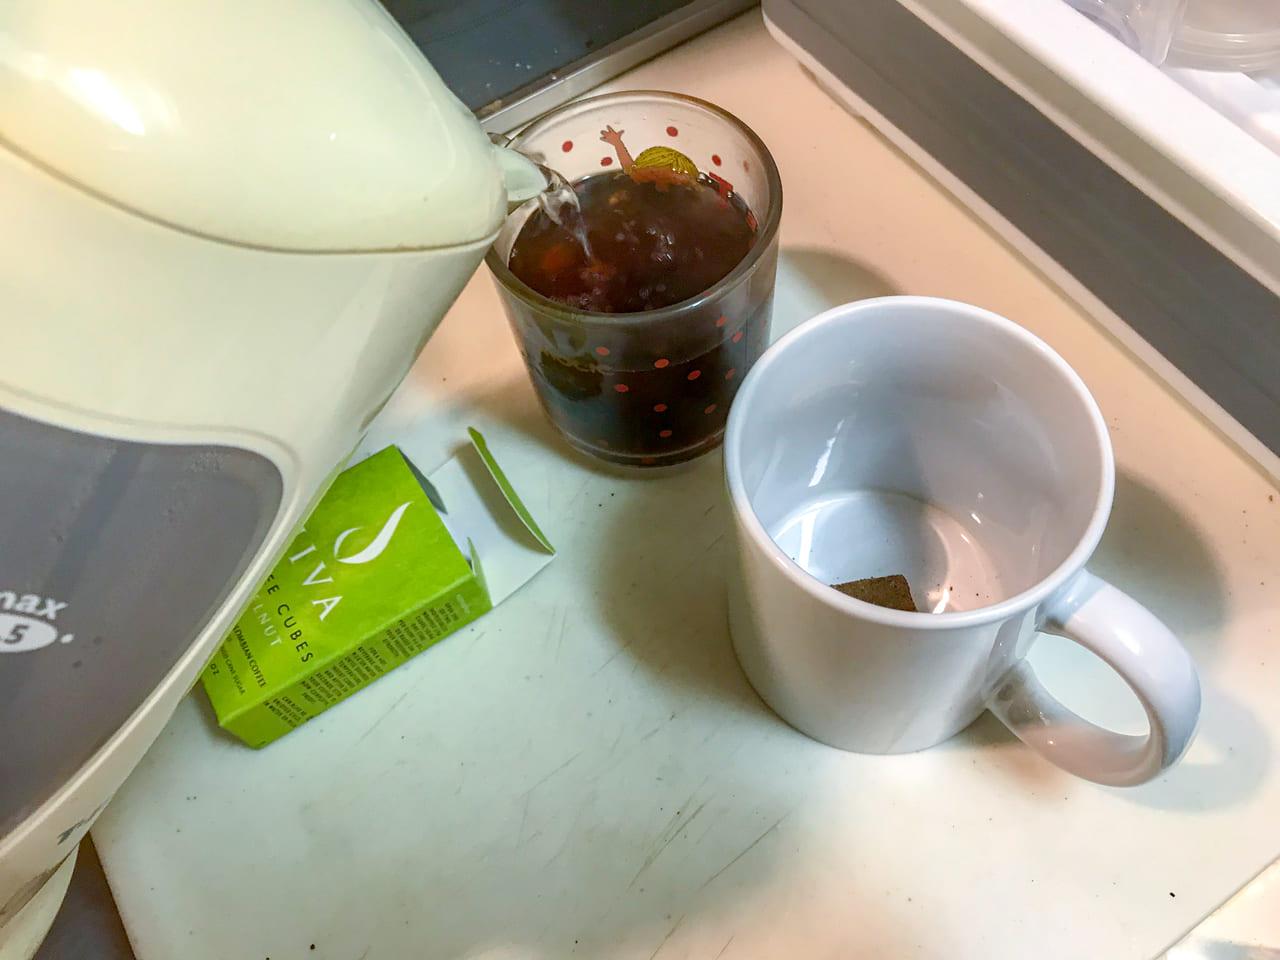 /JIVAのコーヒーキューブをカップに入れてお湯を注ぐ